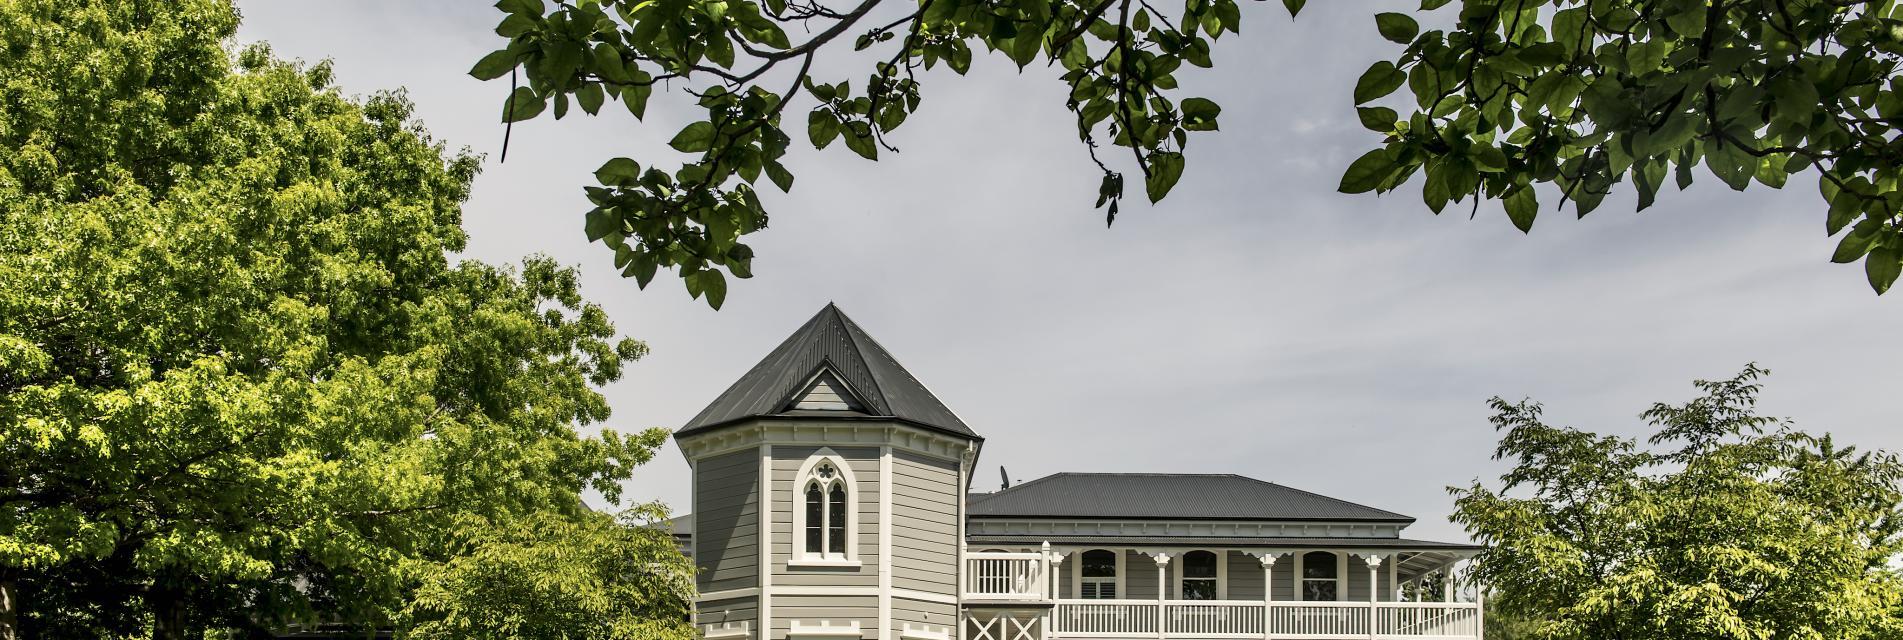 The Marlborough Lodge Luxury Lodges Of New Zealand